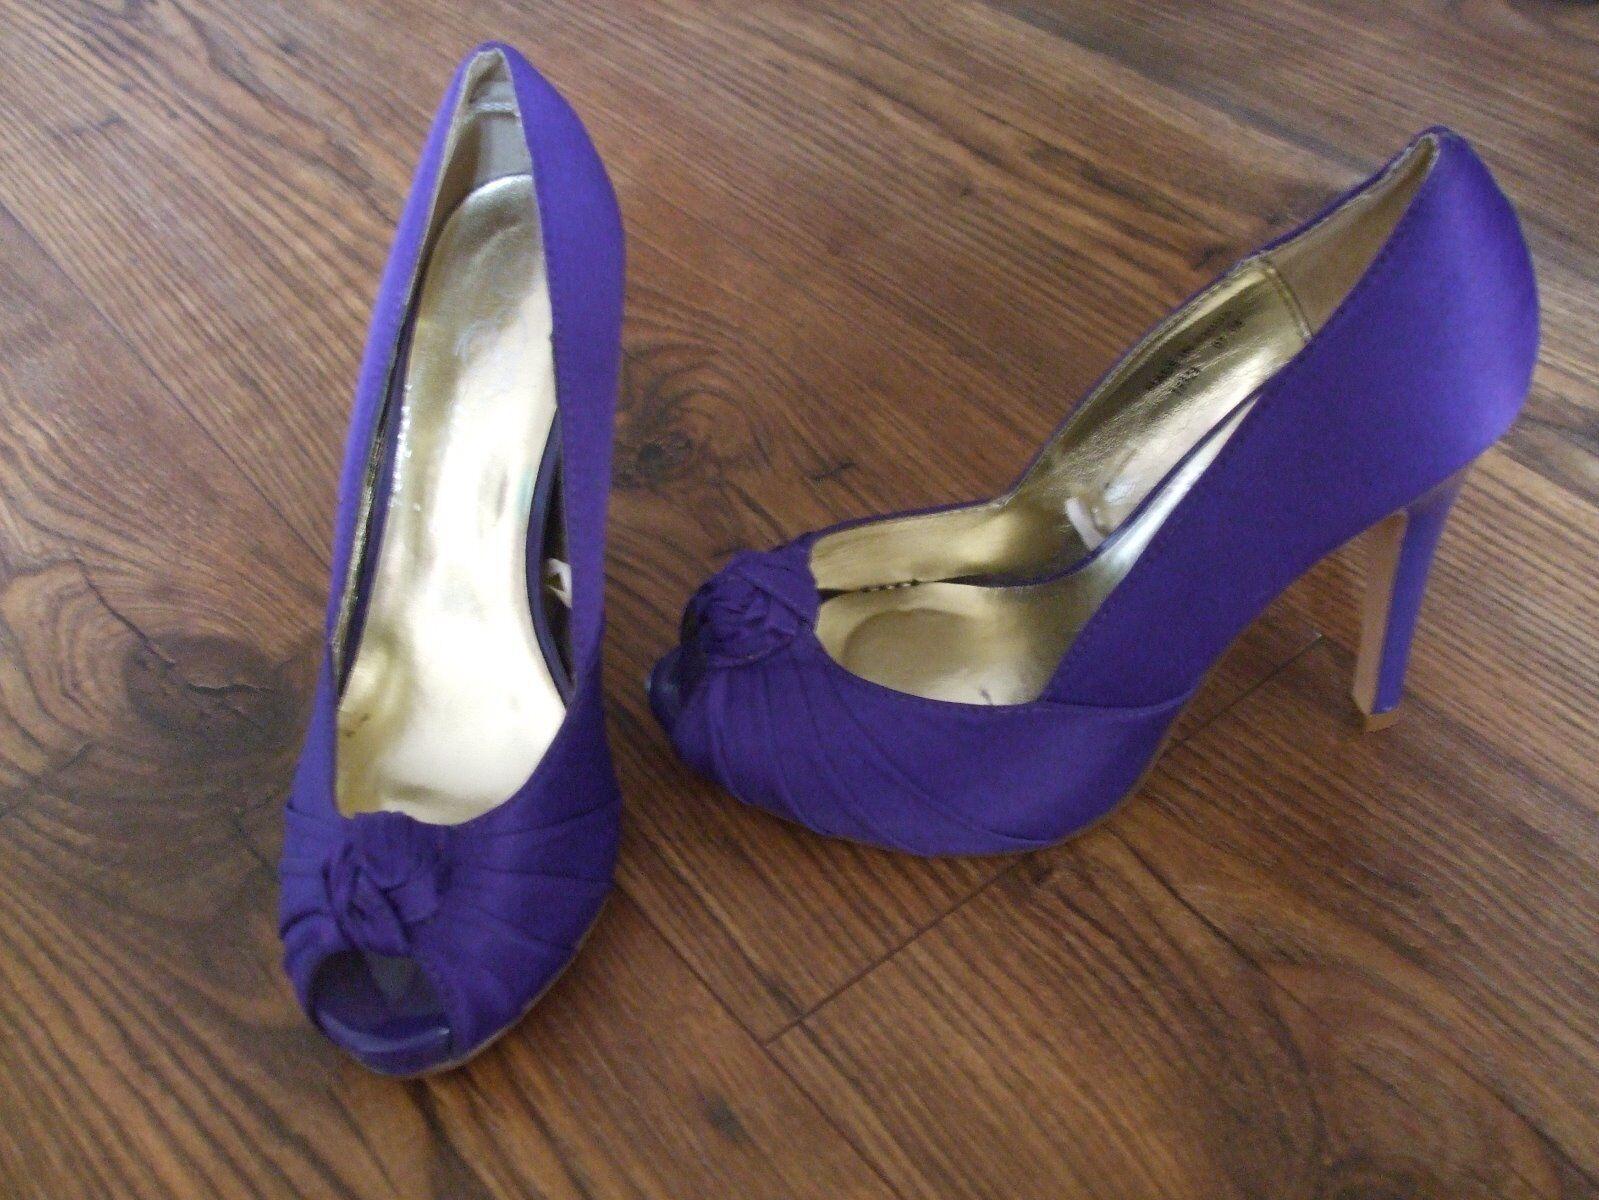 SIZE UK 4 HIGH HEELS WOMENS PEEP TOE Shoes Slip On Work LADIES SUMMER SMART